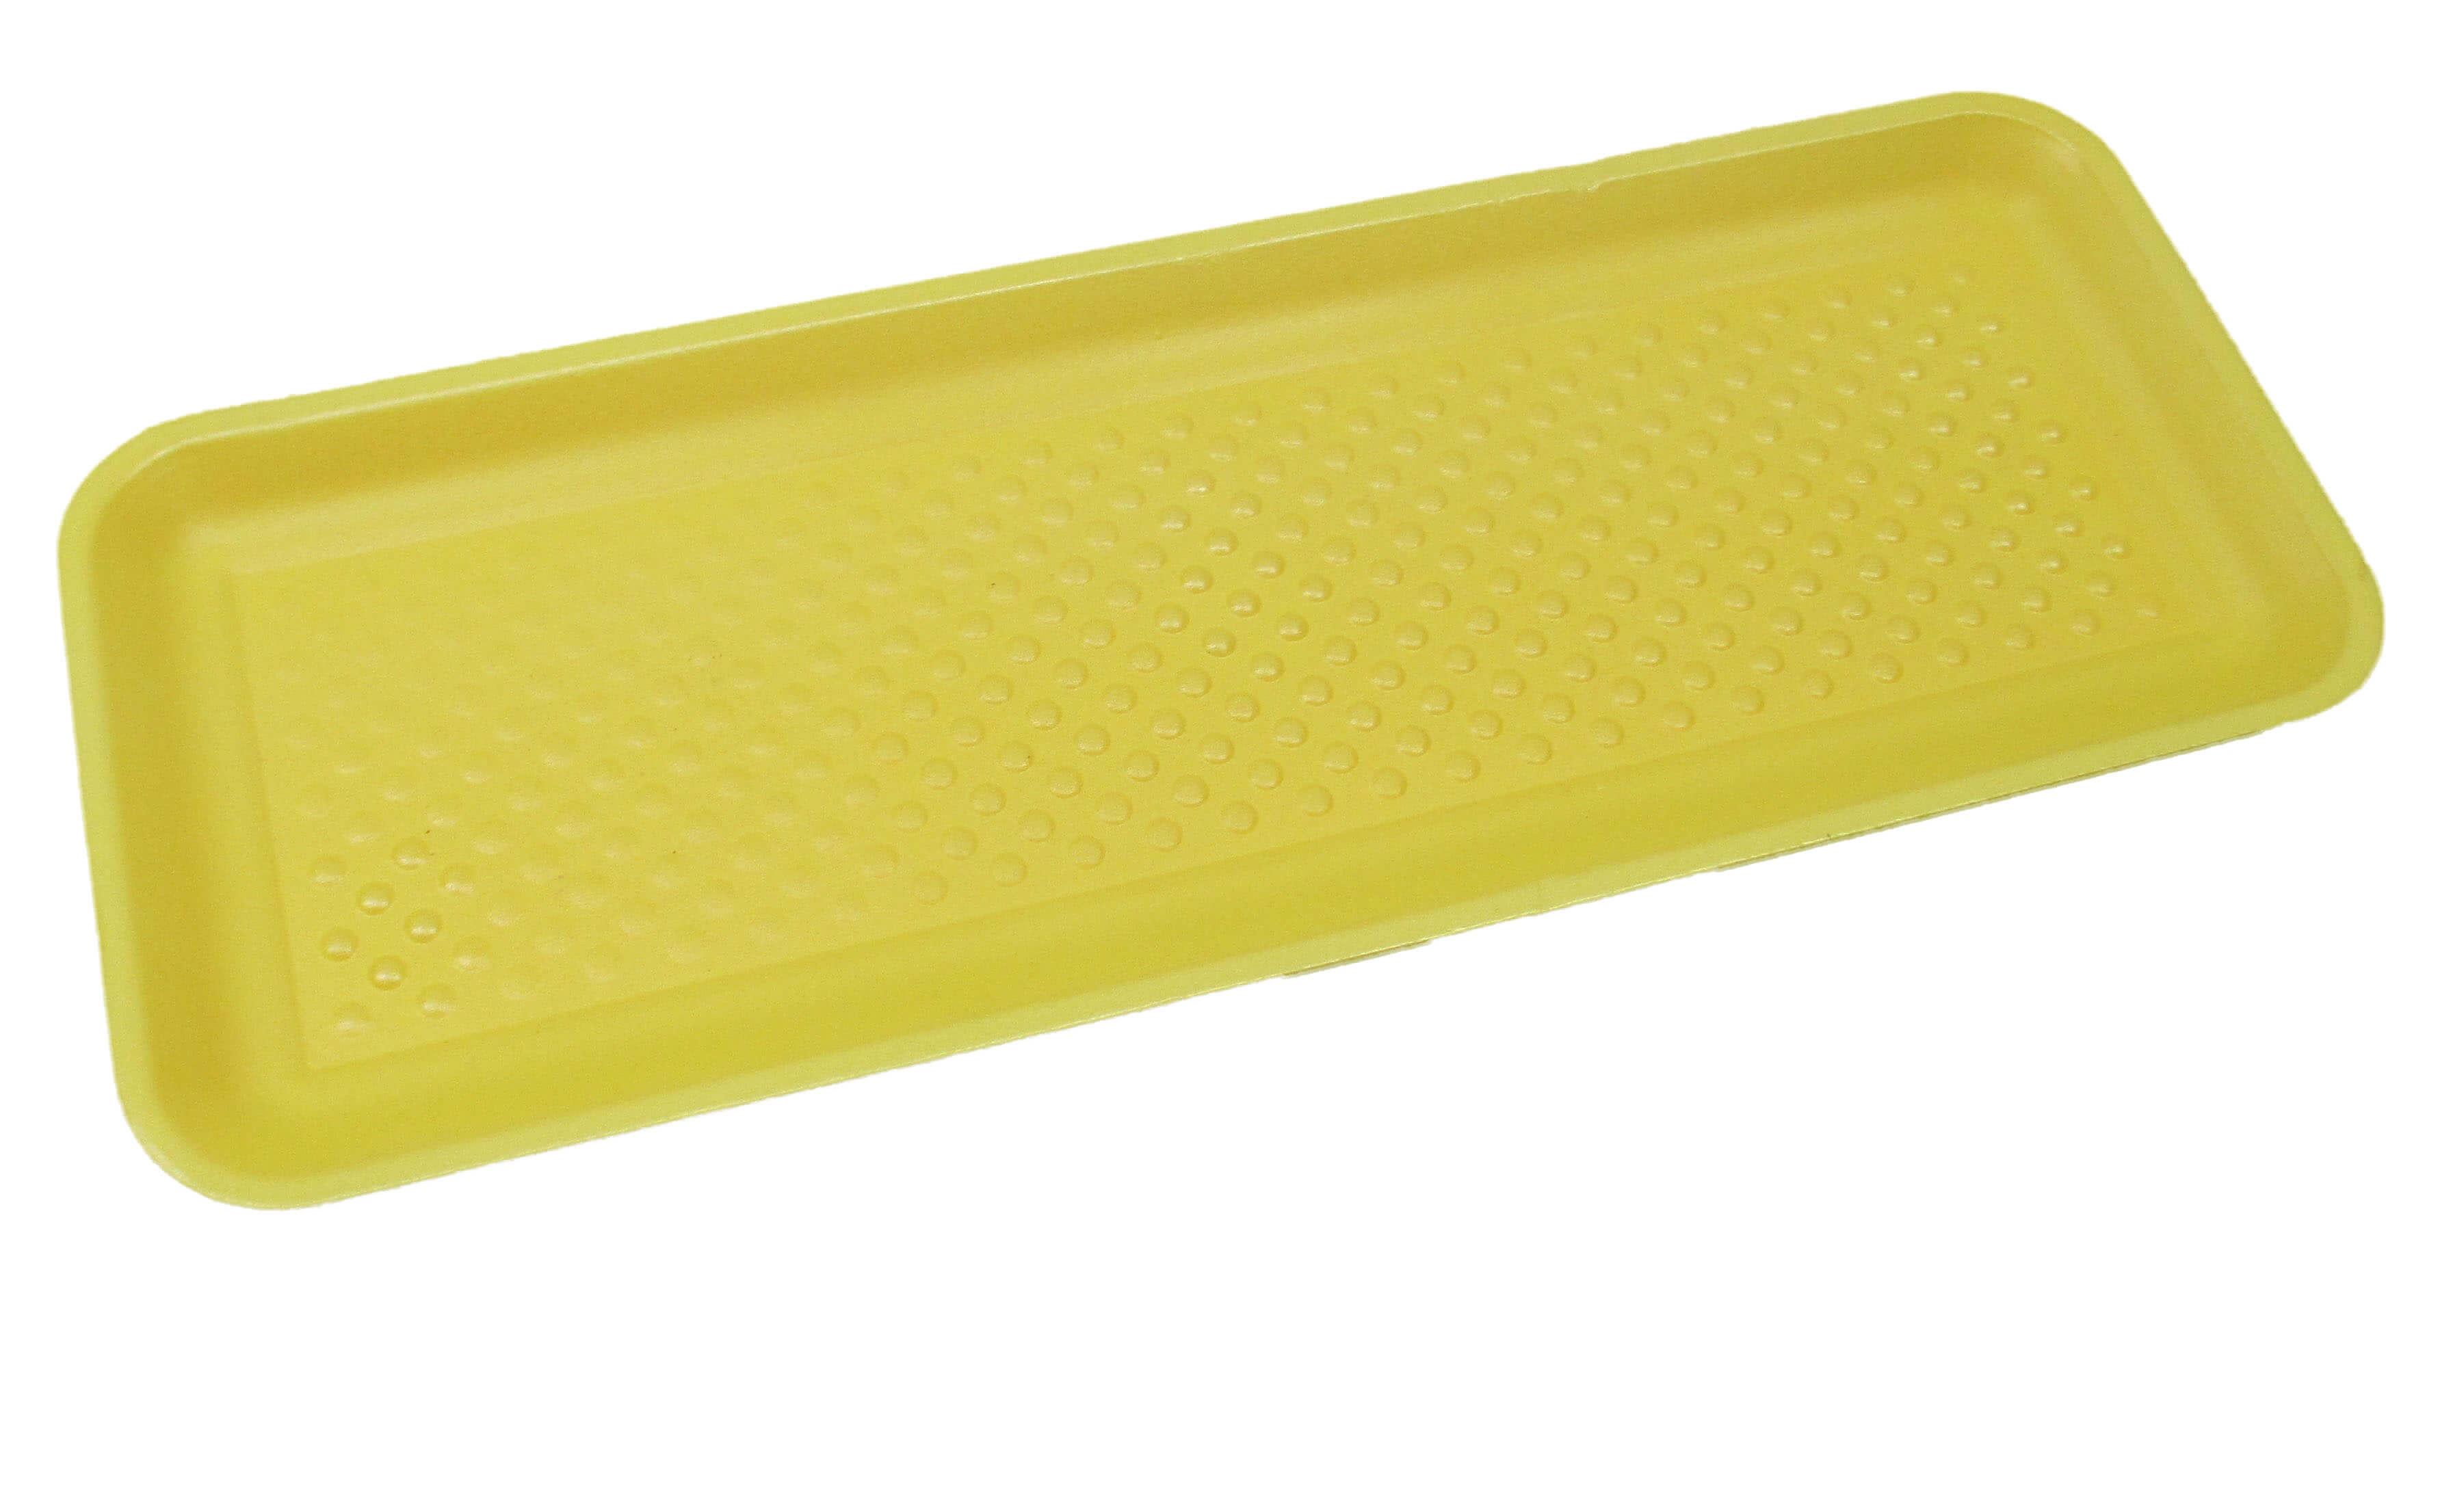 buy online d7048 84181 Genpak 1007S ( 7S) Foam Meat Tray Yellow 14 7 16″ x 5 3 4″ x 15 16″ –  125 Pack